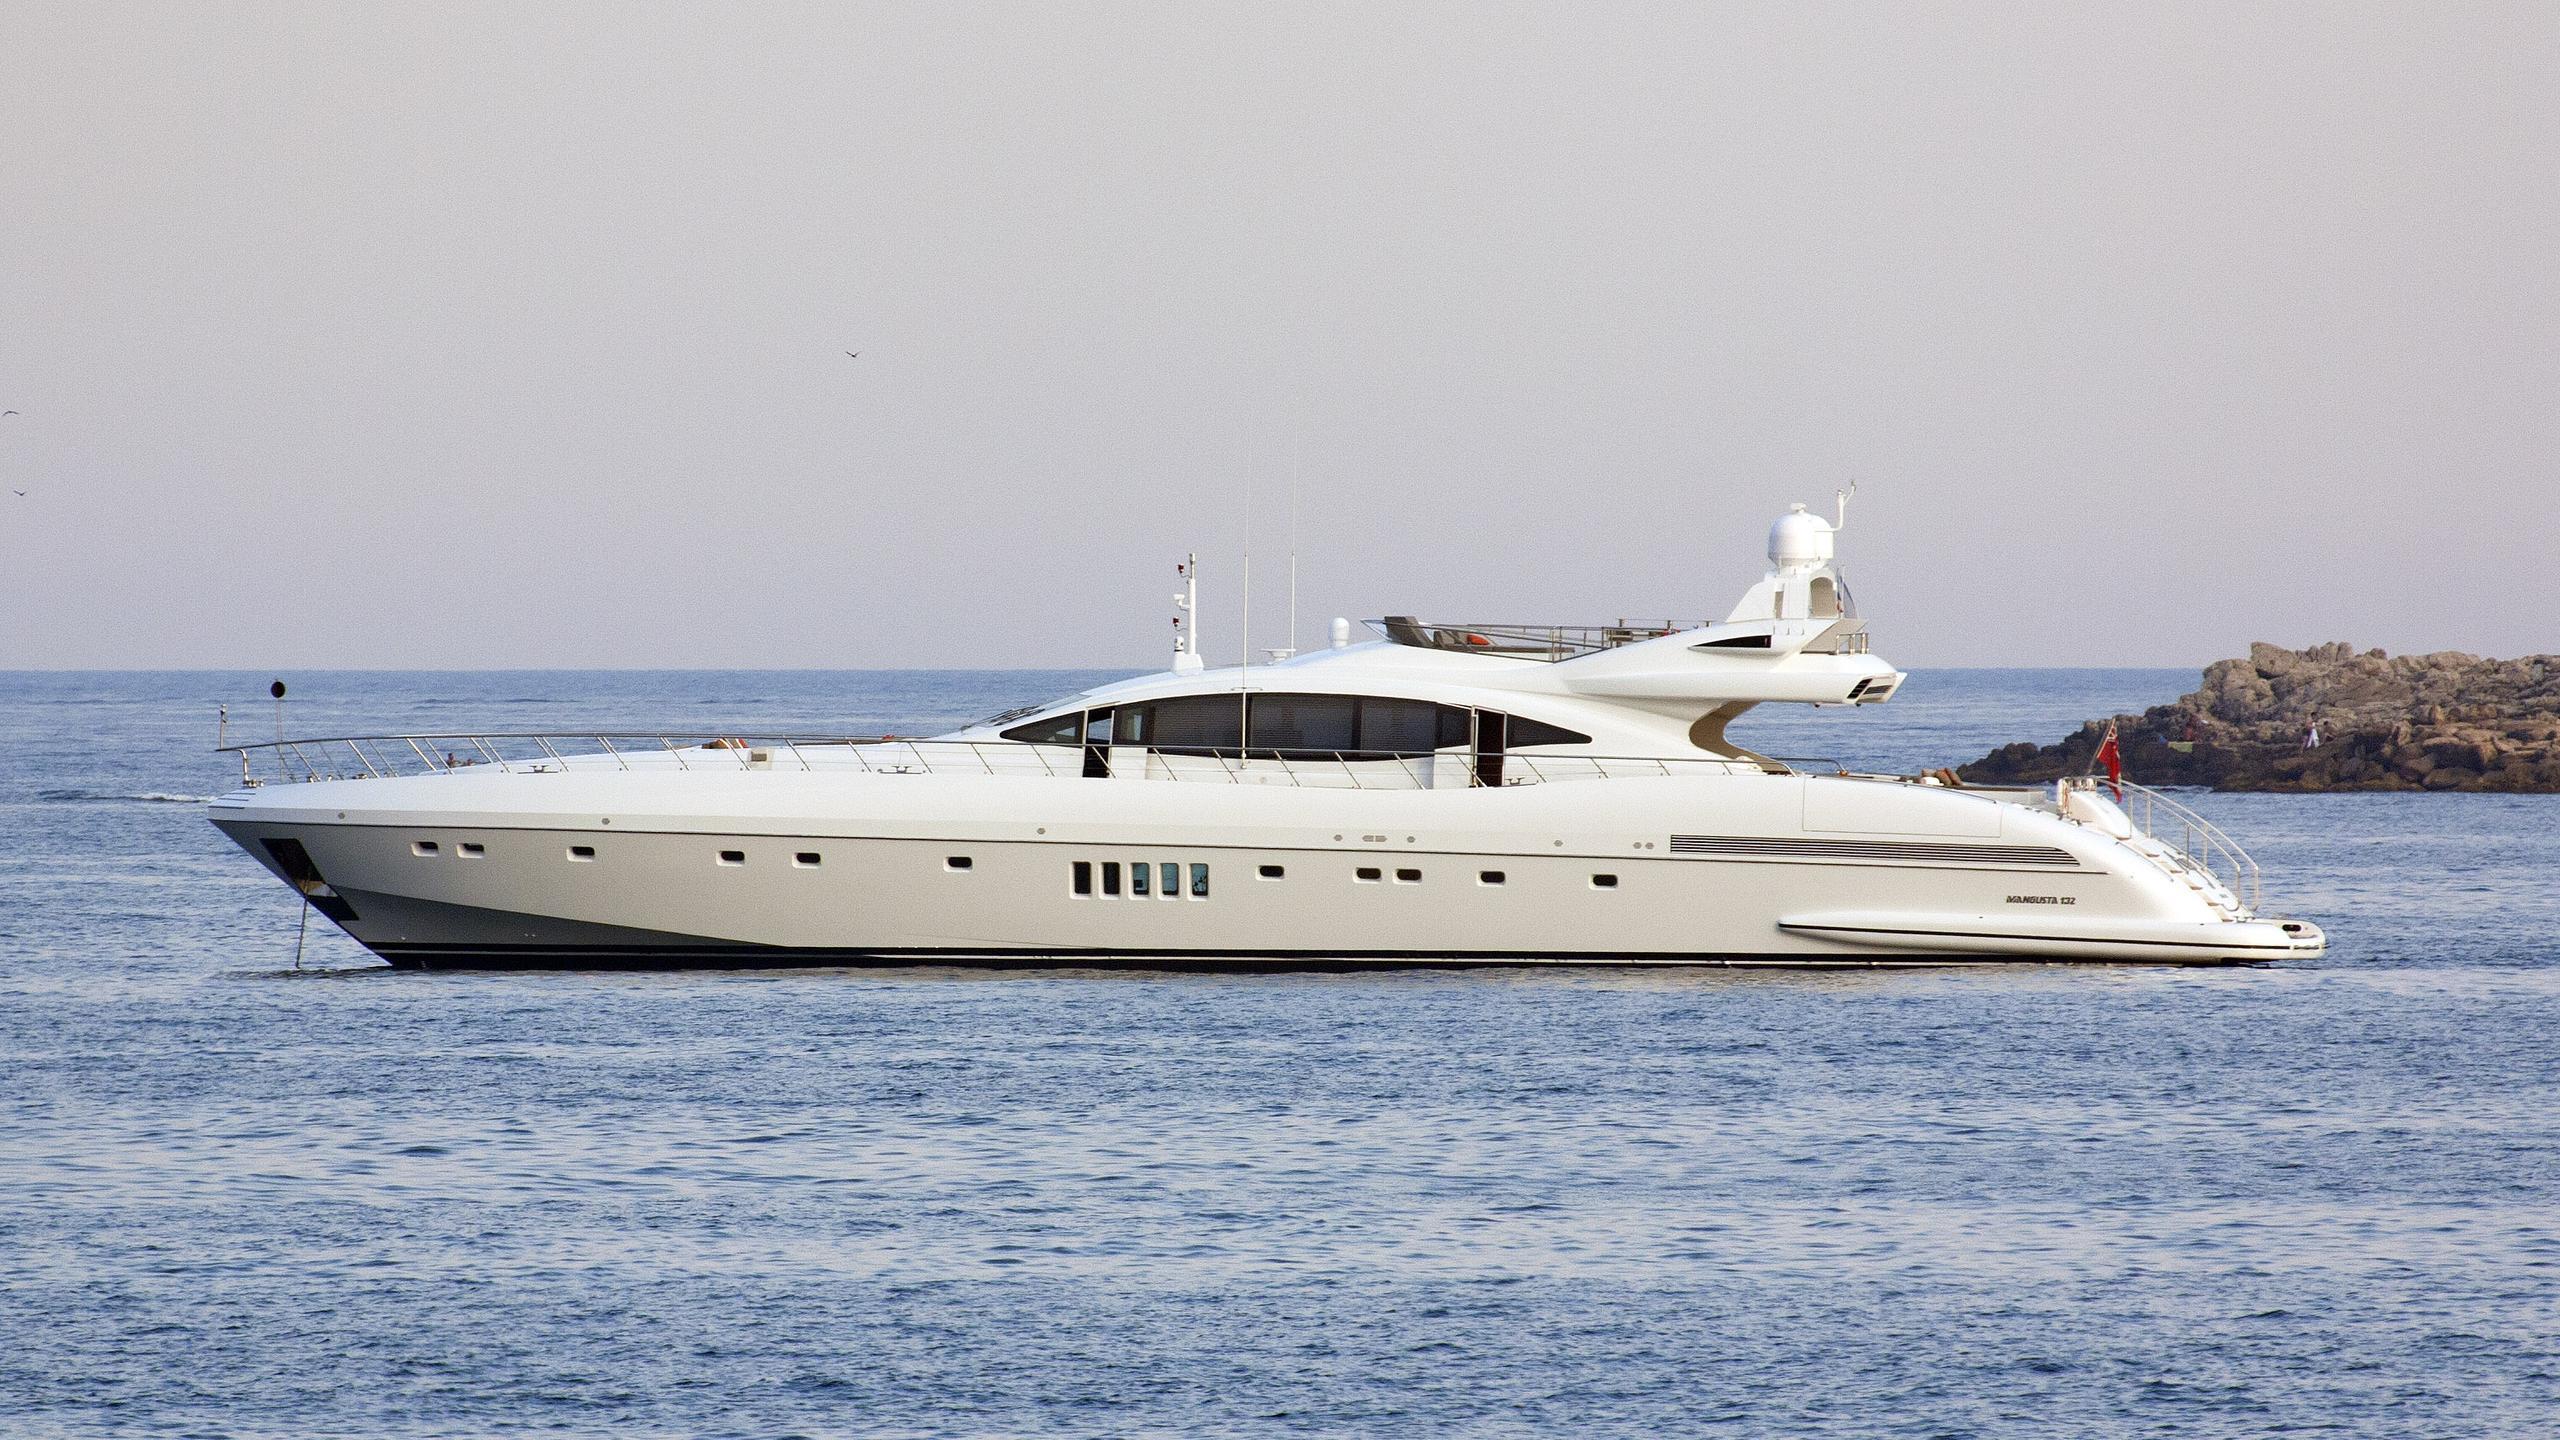 asya motoryacht overmarine mangusta 132 2015 40m profile